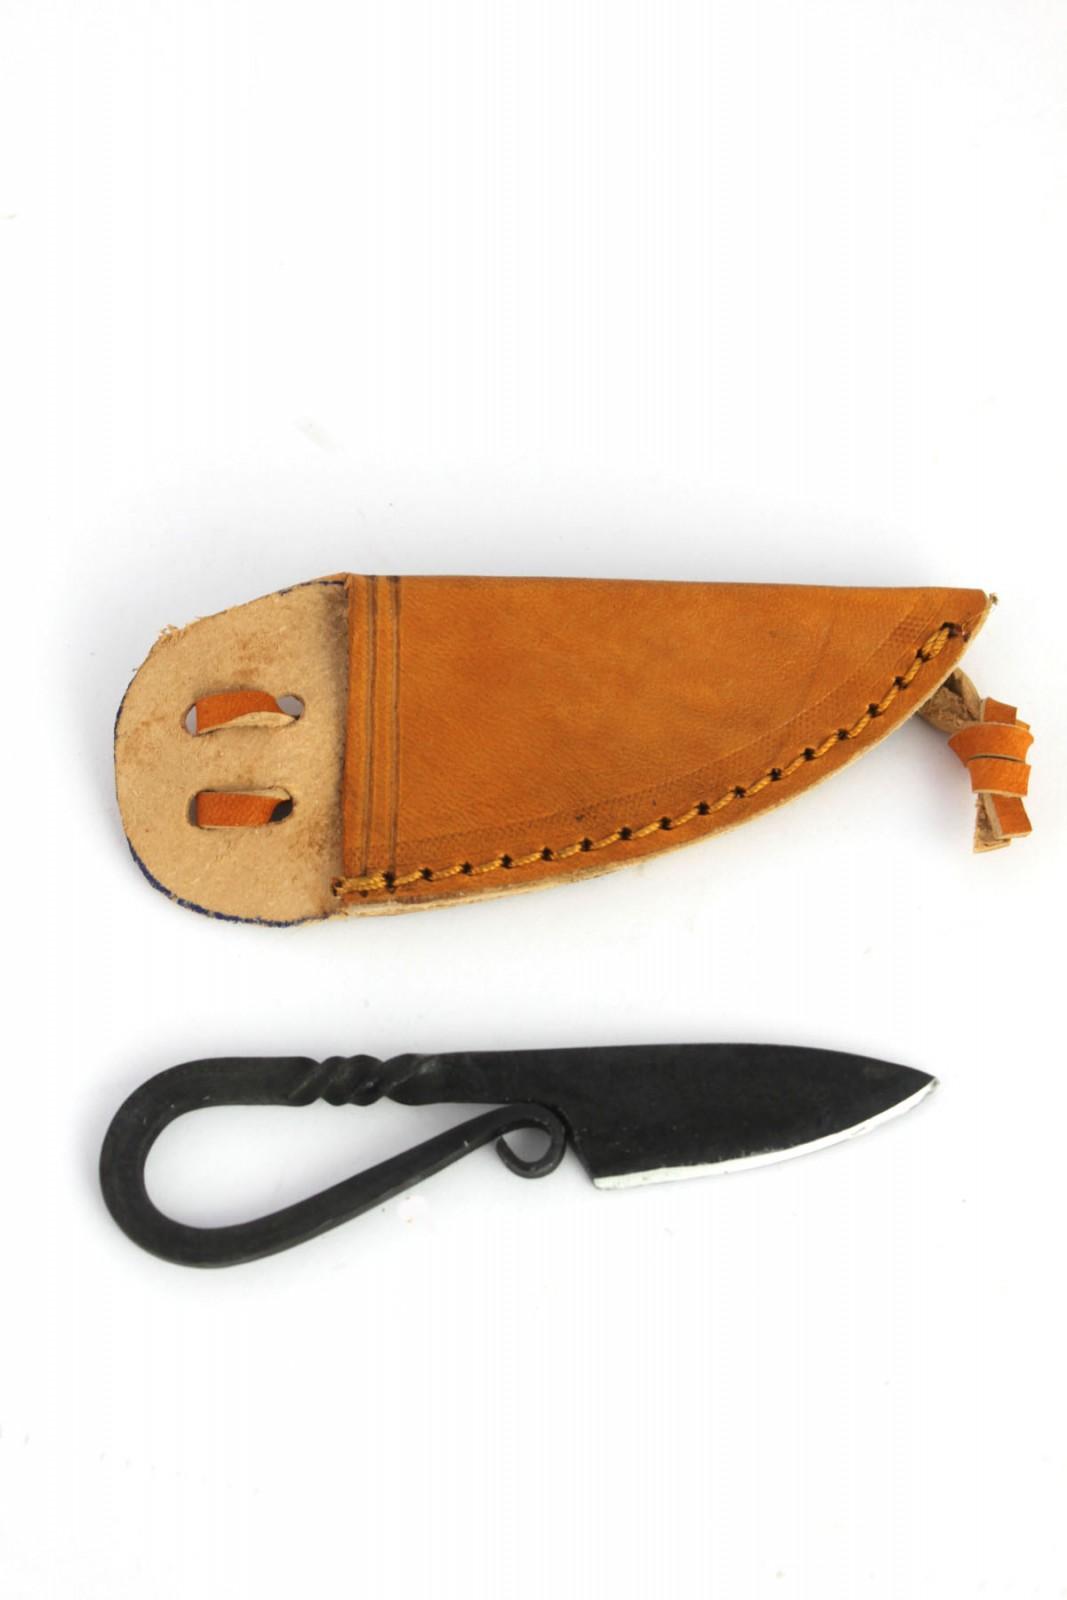 Mittelalter Messer 10 cm